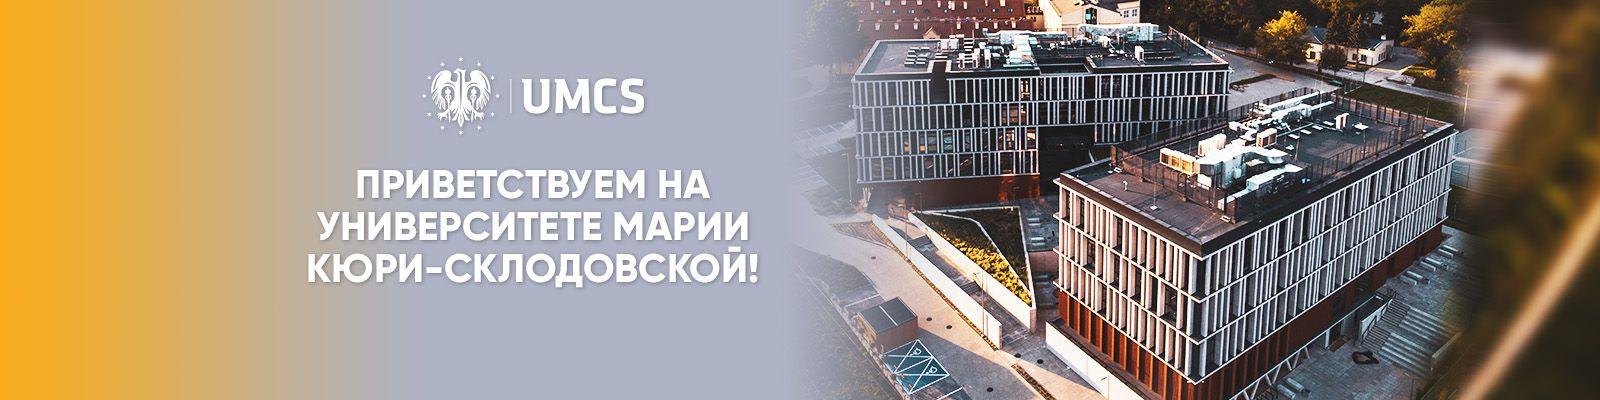 Добро пожаловать на UMCS!